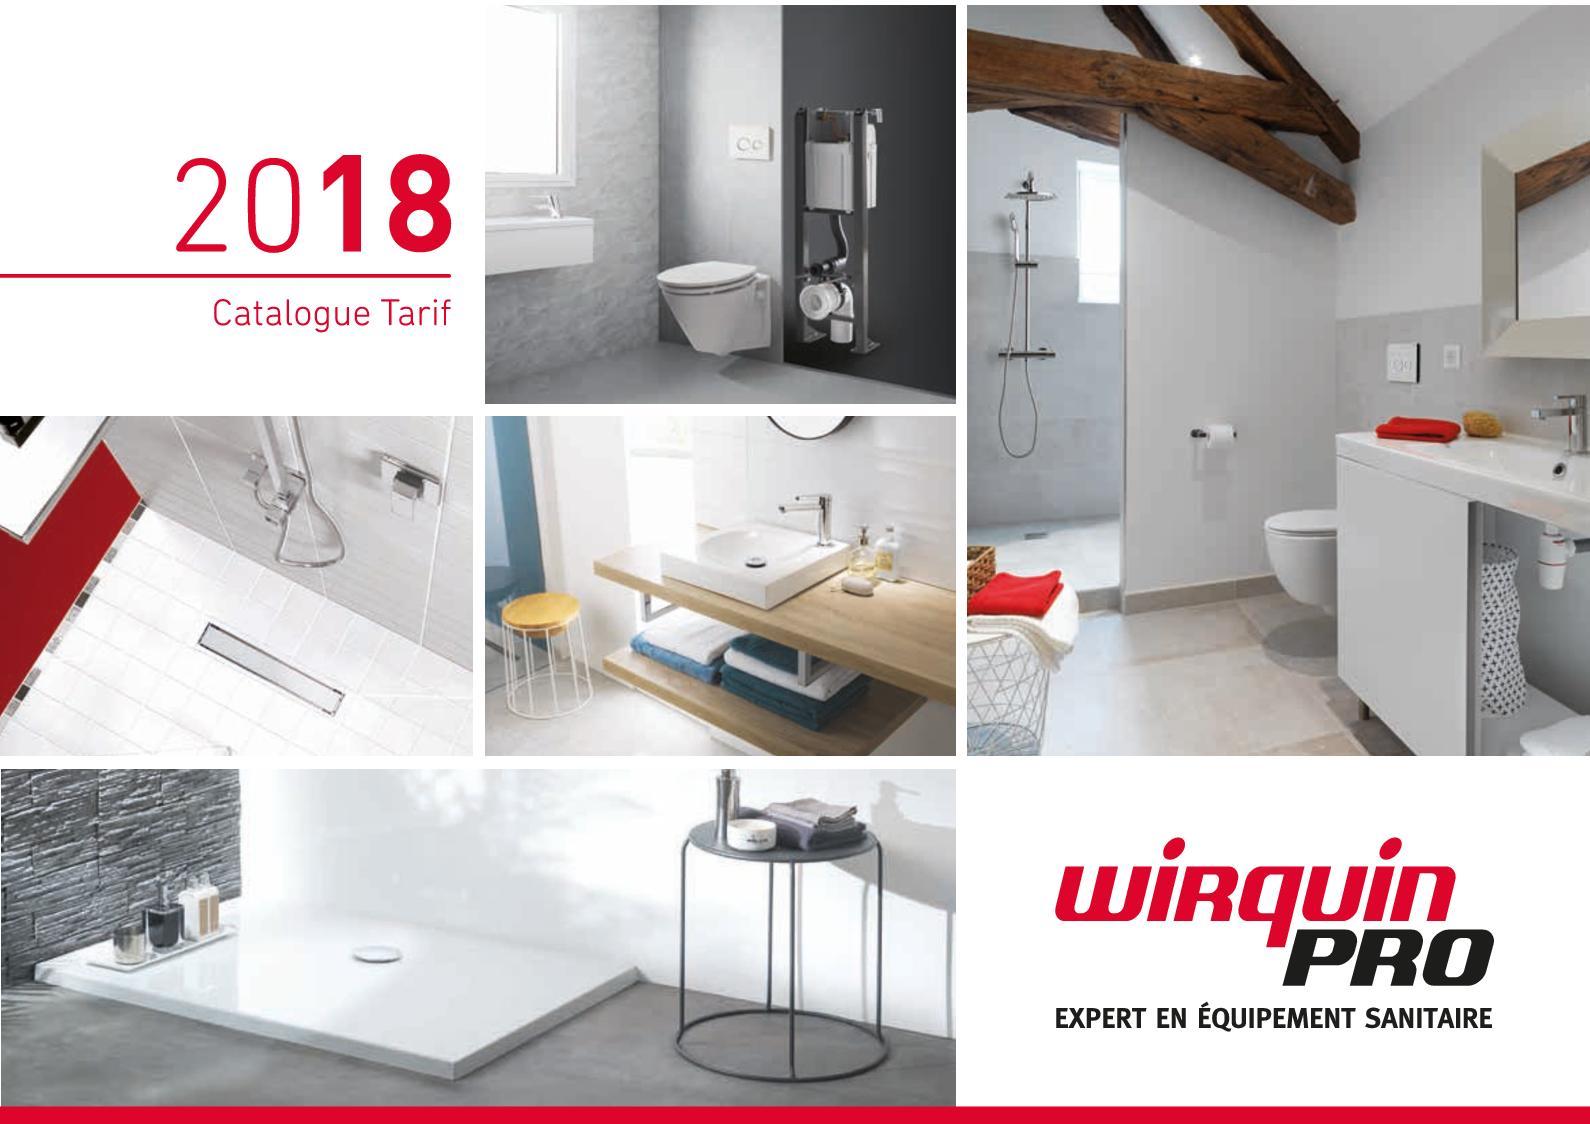 Calaméo Wirquin Pro Catalogue 2018